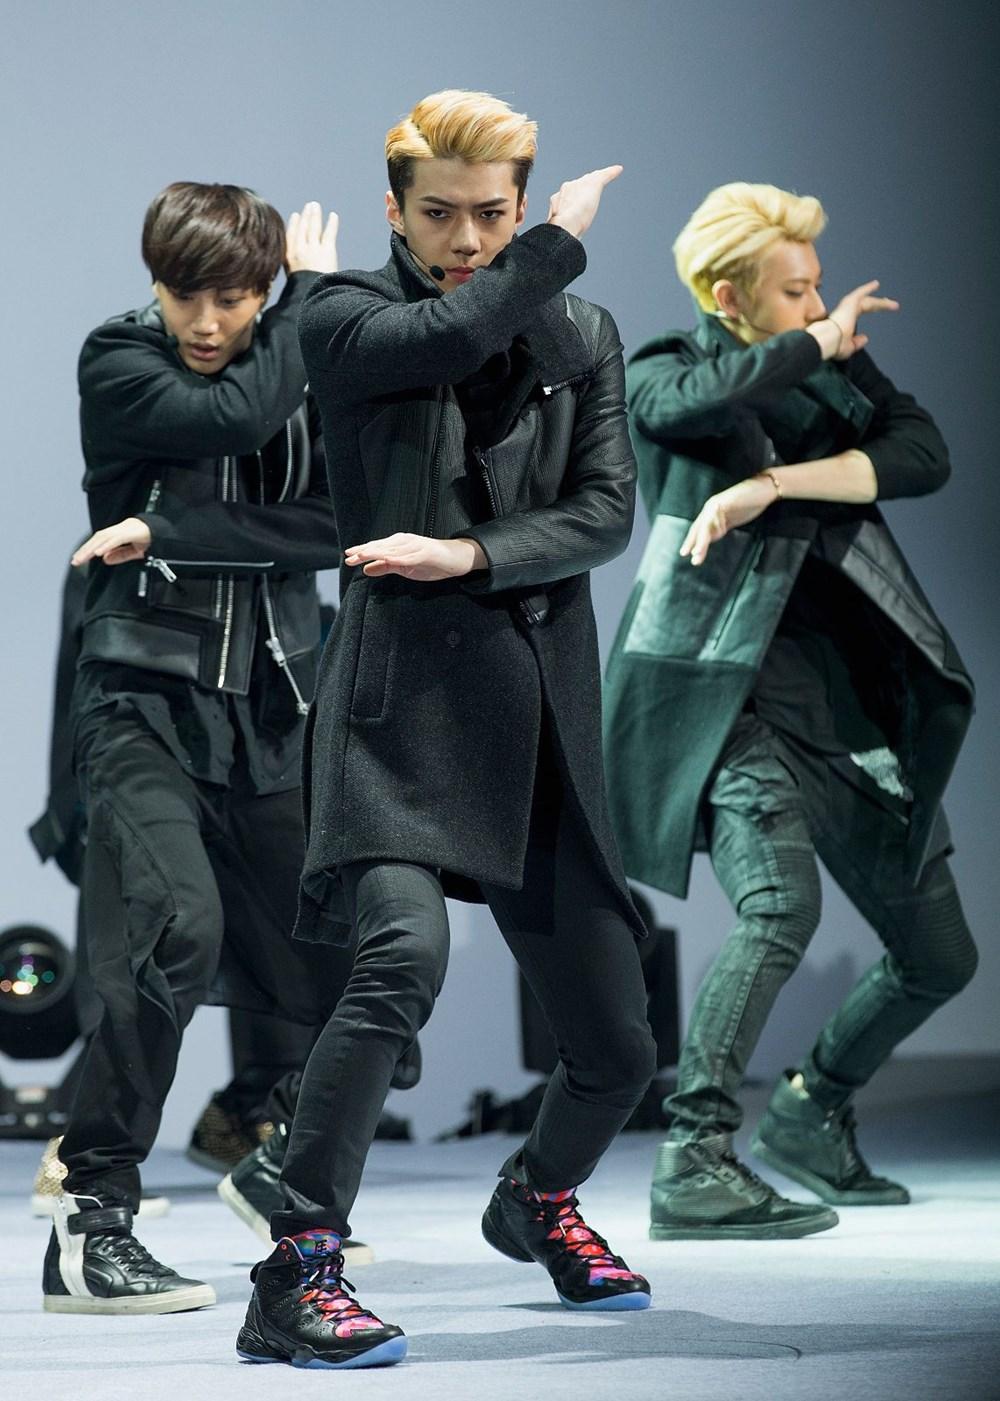 BTS üyesi Jungkook, Google'da ismi en çok aranan K-pop yıldızı oldu - 6